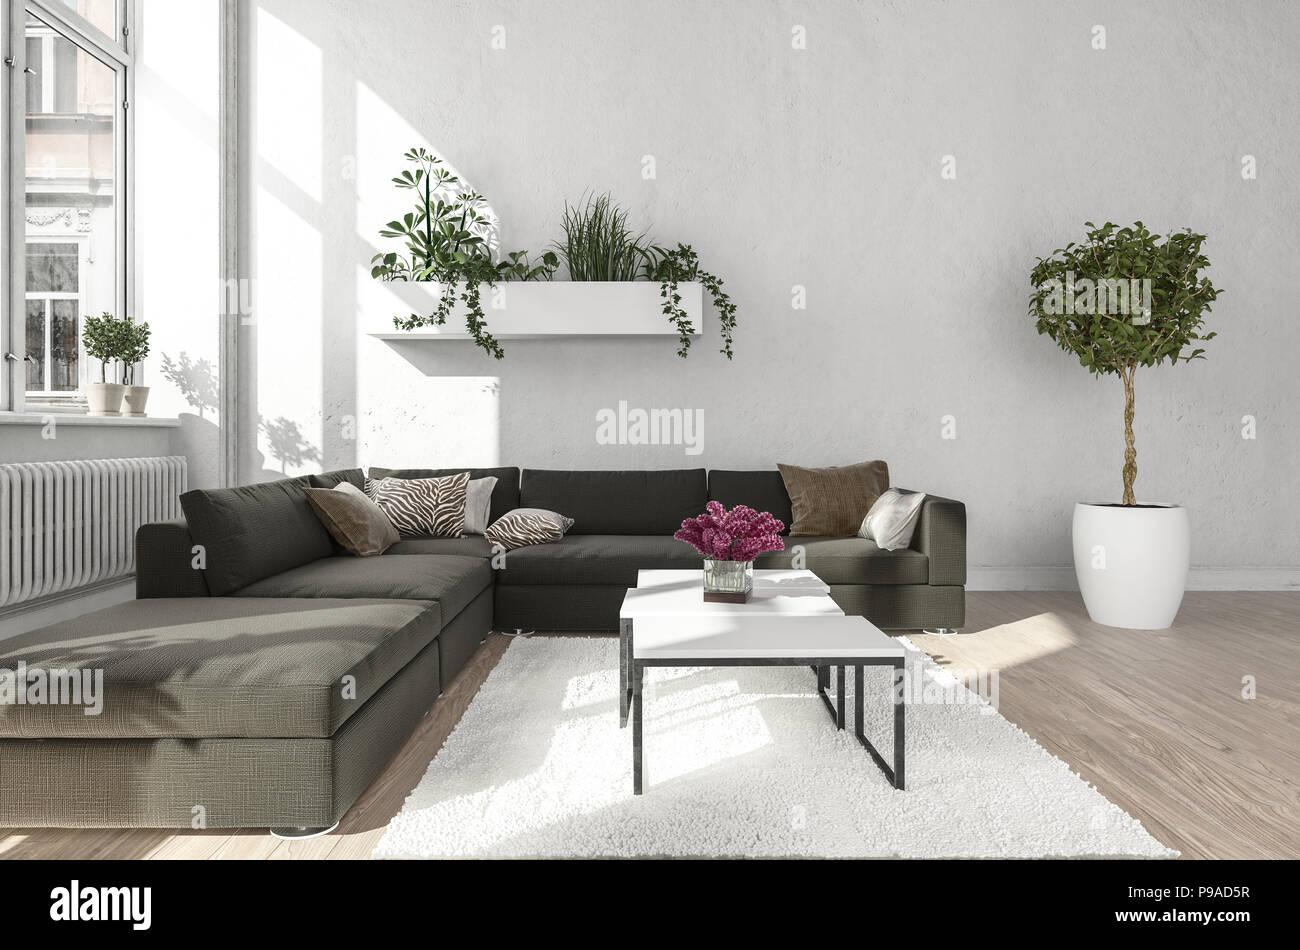 Divano Nero E Bianco : Idee soggiorno con divano nero divani pelle e stoffa avec divano